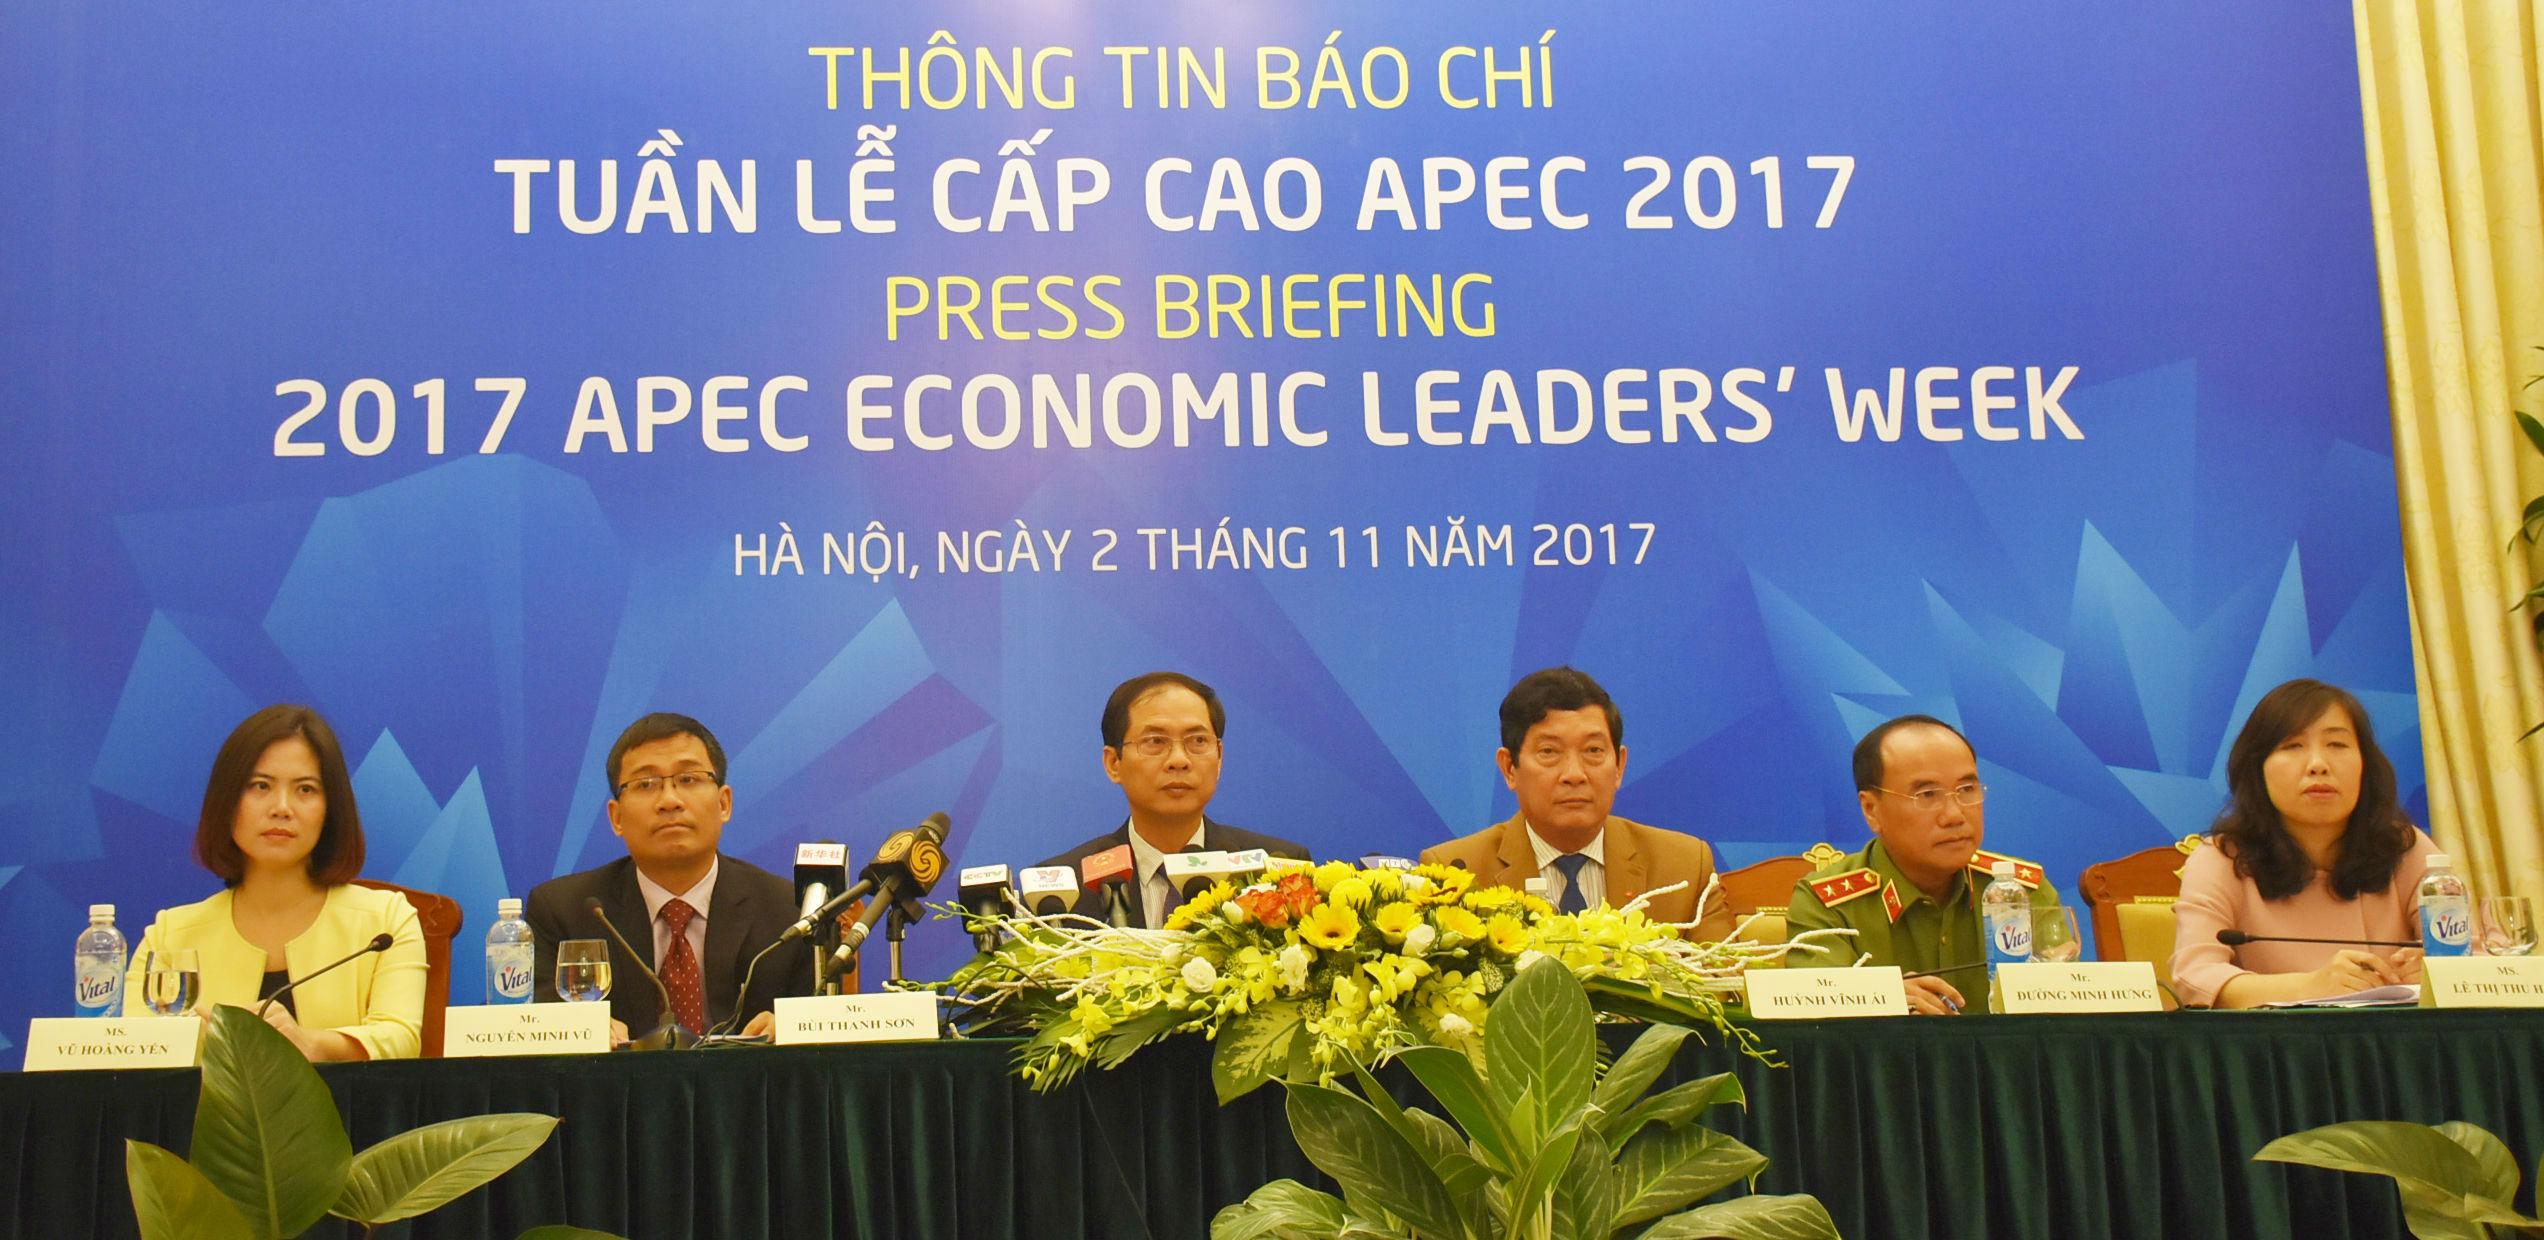 Tất cả lãnh đạo các nền kinh tế thành viên đã xác nhận sẽ tới Tuần lễ Cấp cao APEC